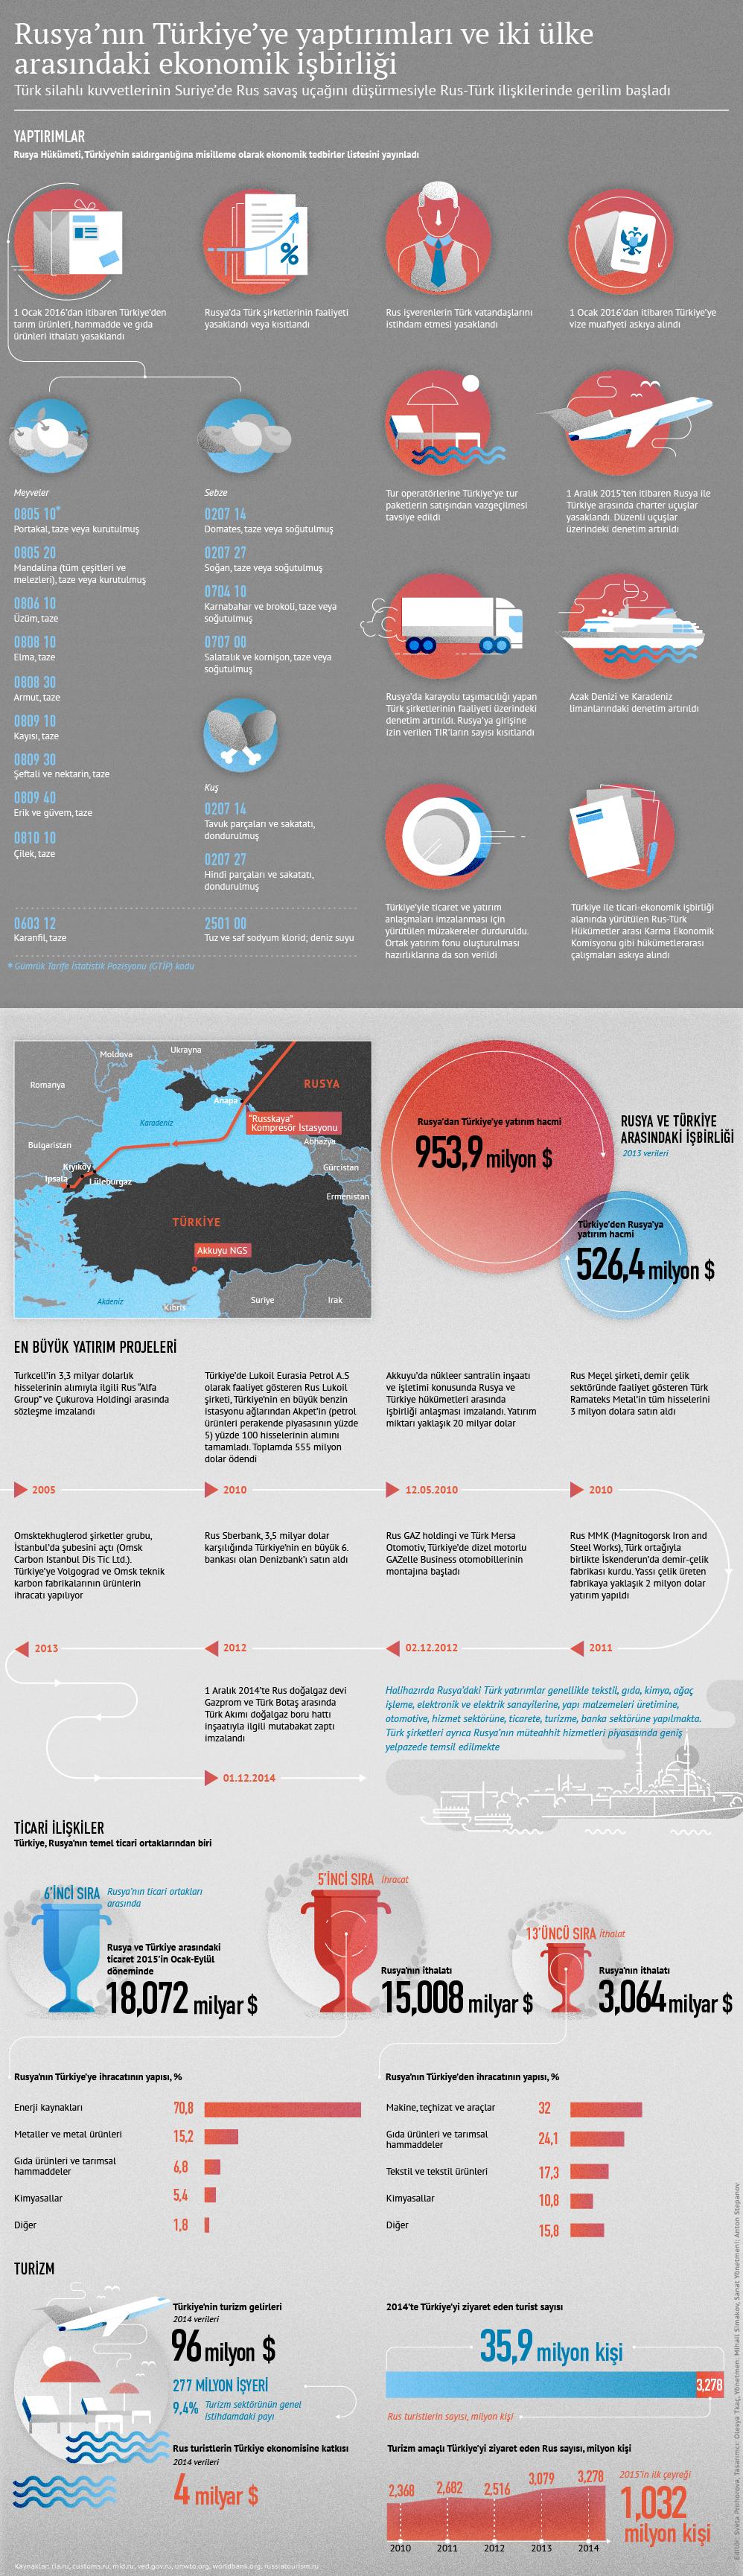 Rusya'nın Türkiye'ye yaptırımları ve iki ülke arasındaki ekonomik işbirliği